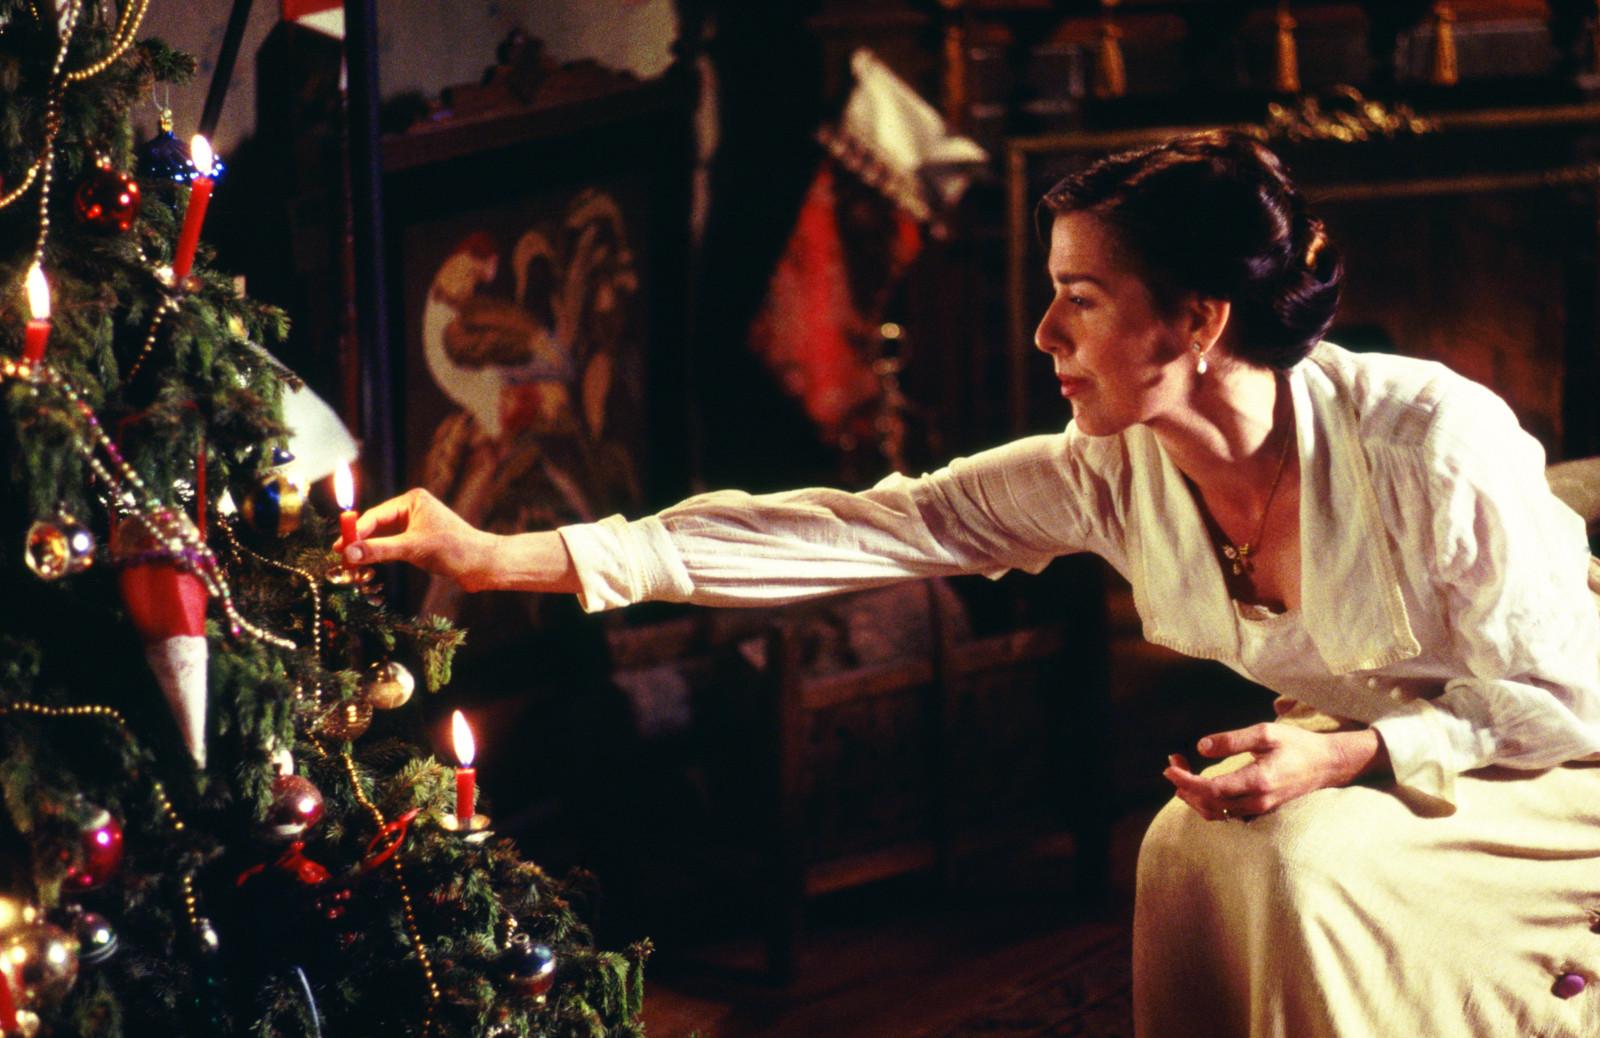 Olivia egy gyertyát gyújt a karácsonyfán